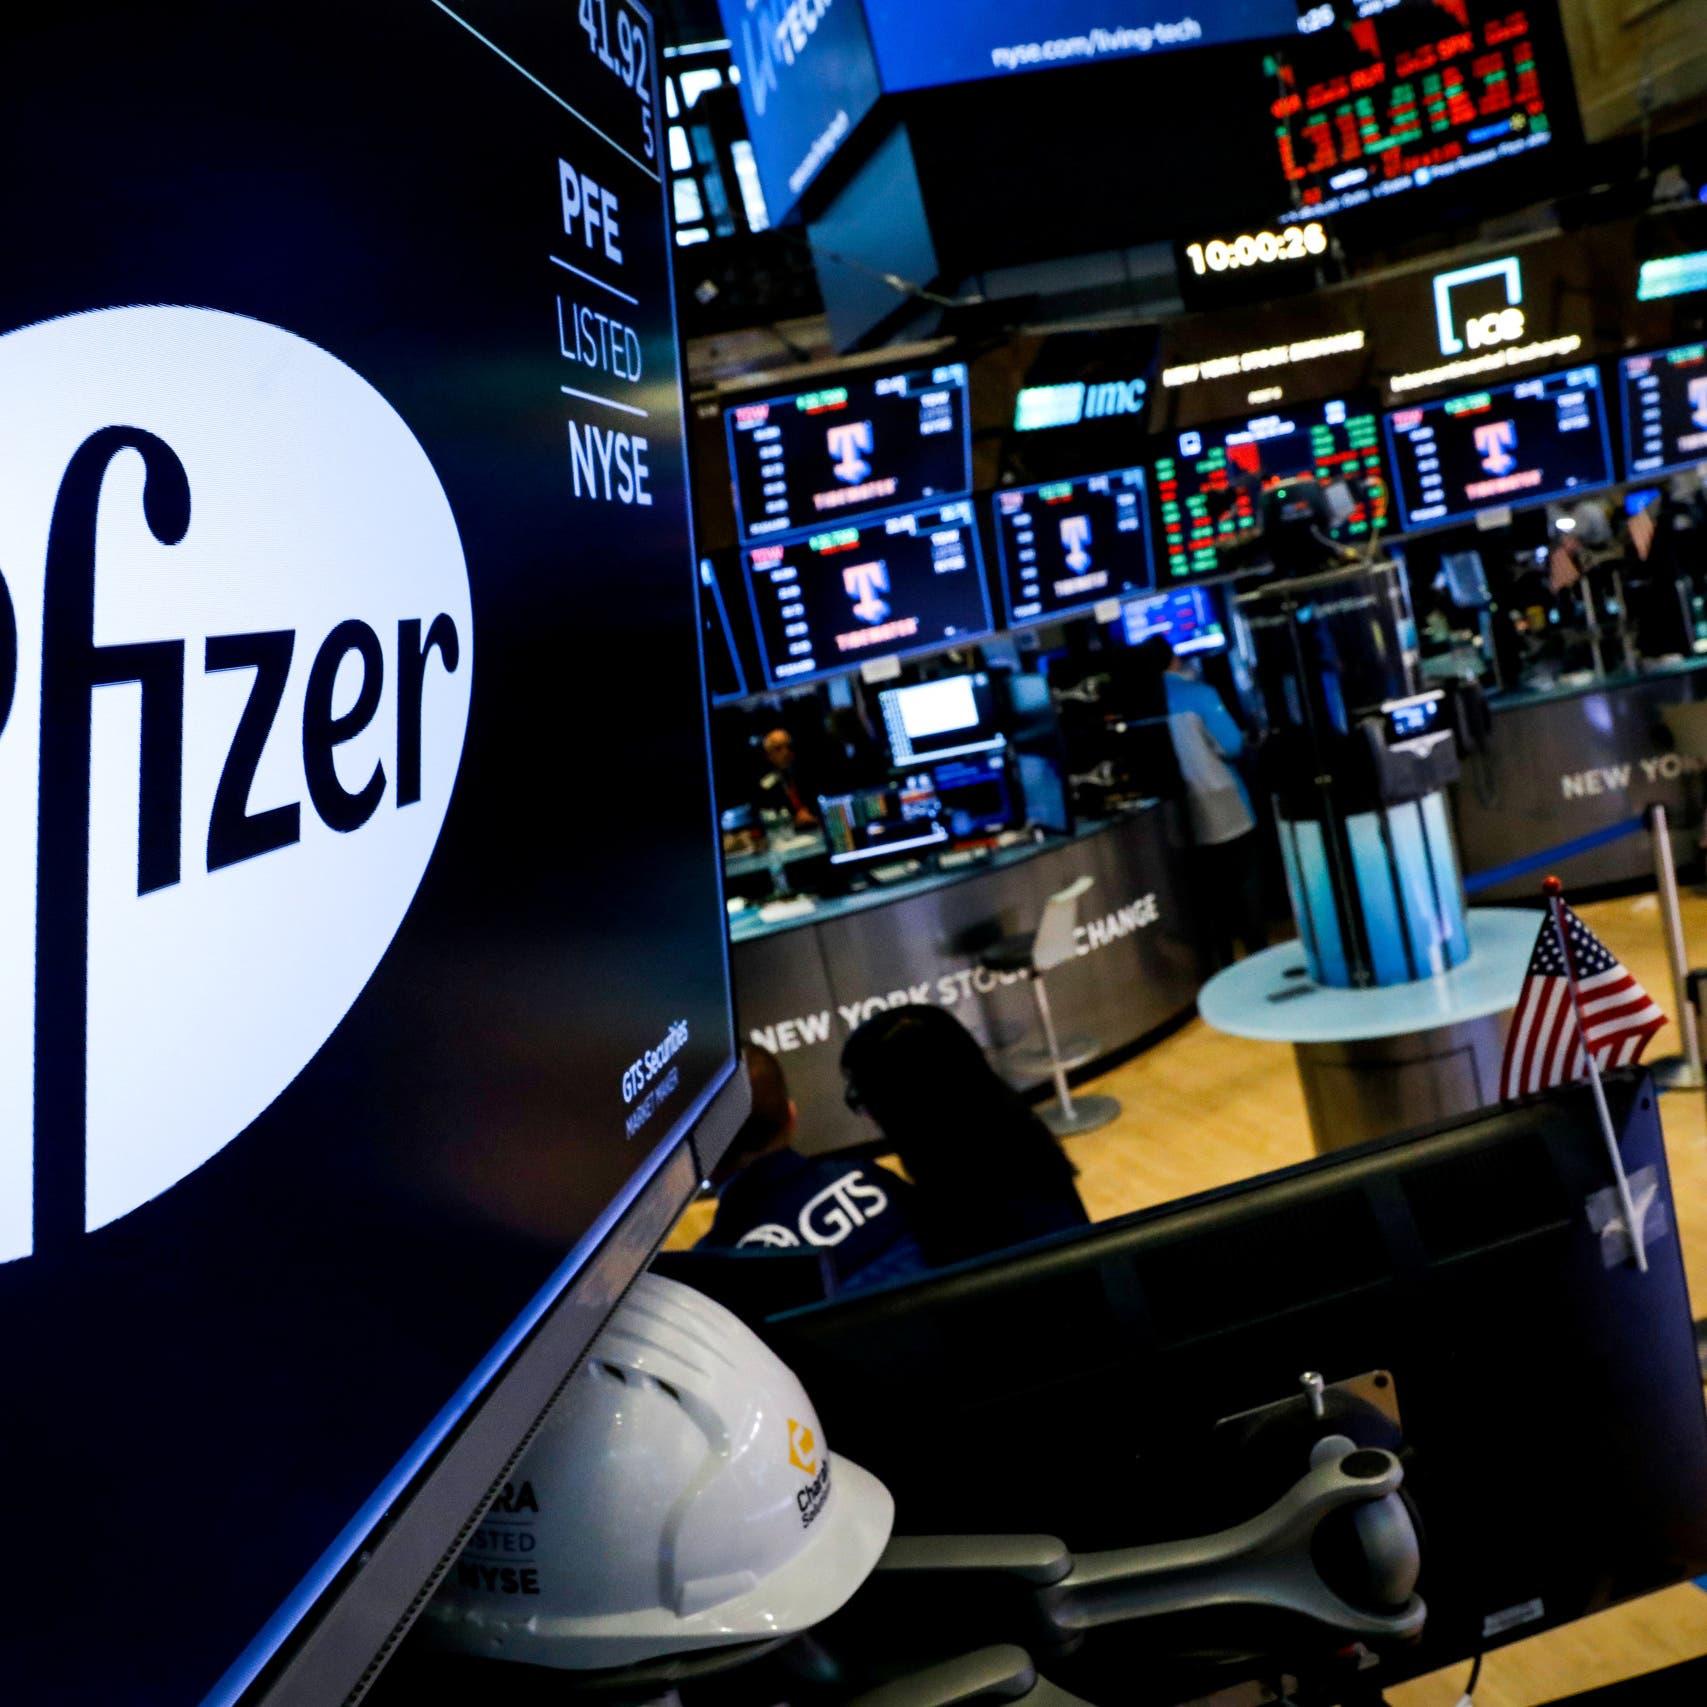 ارتفاع قياسي لأسهم فايزر مع انتشار كورونا في أميركا